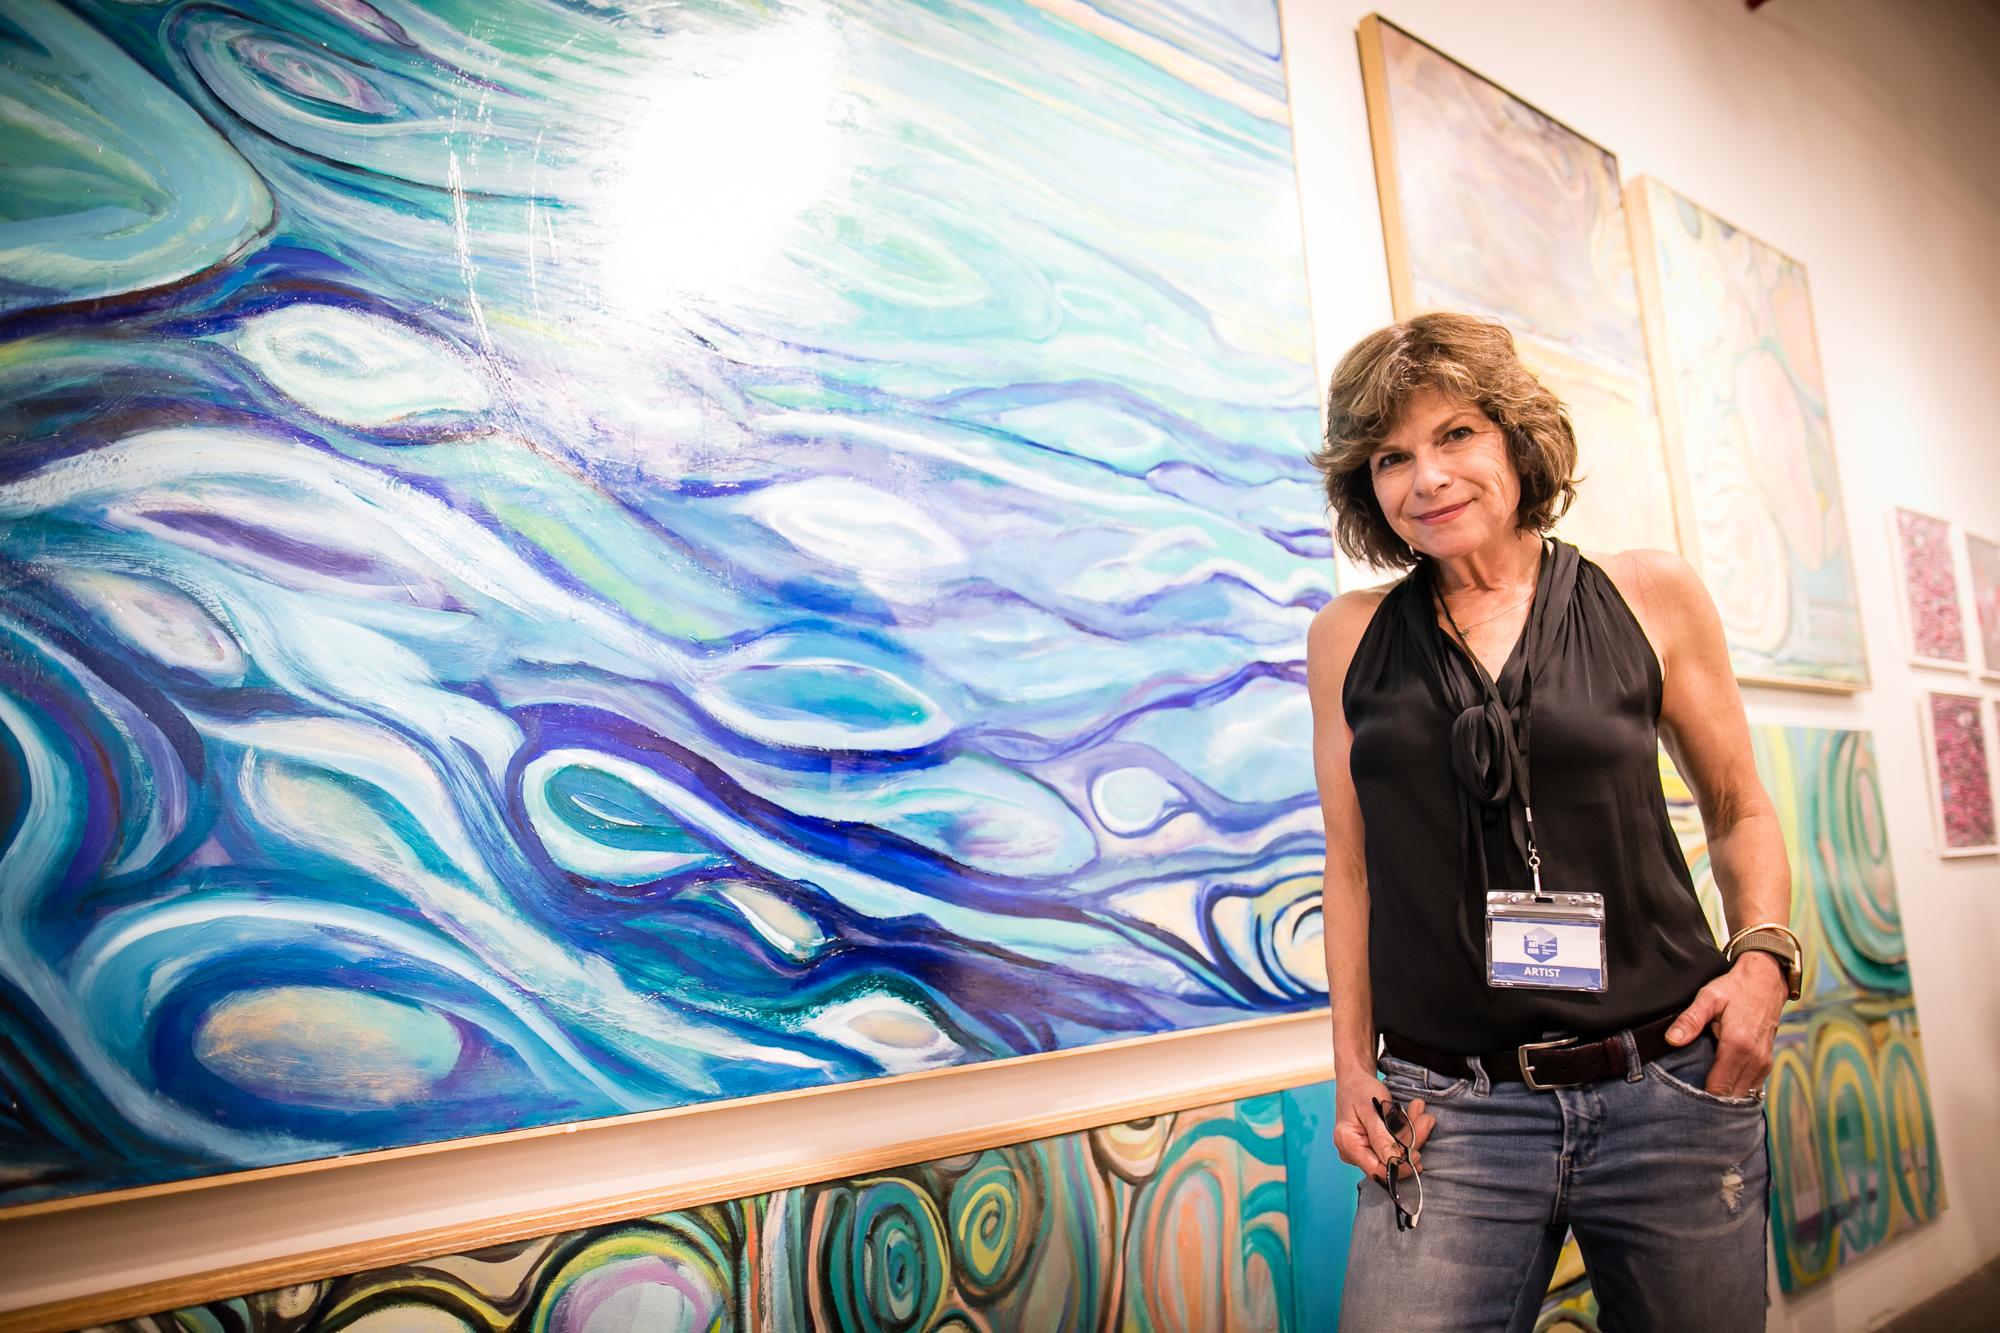 Artist Tina Cantelmi